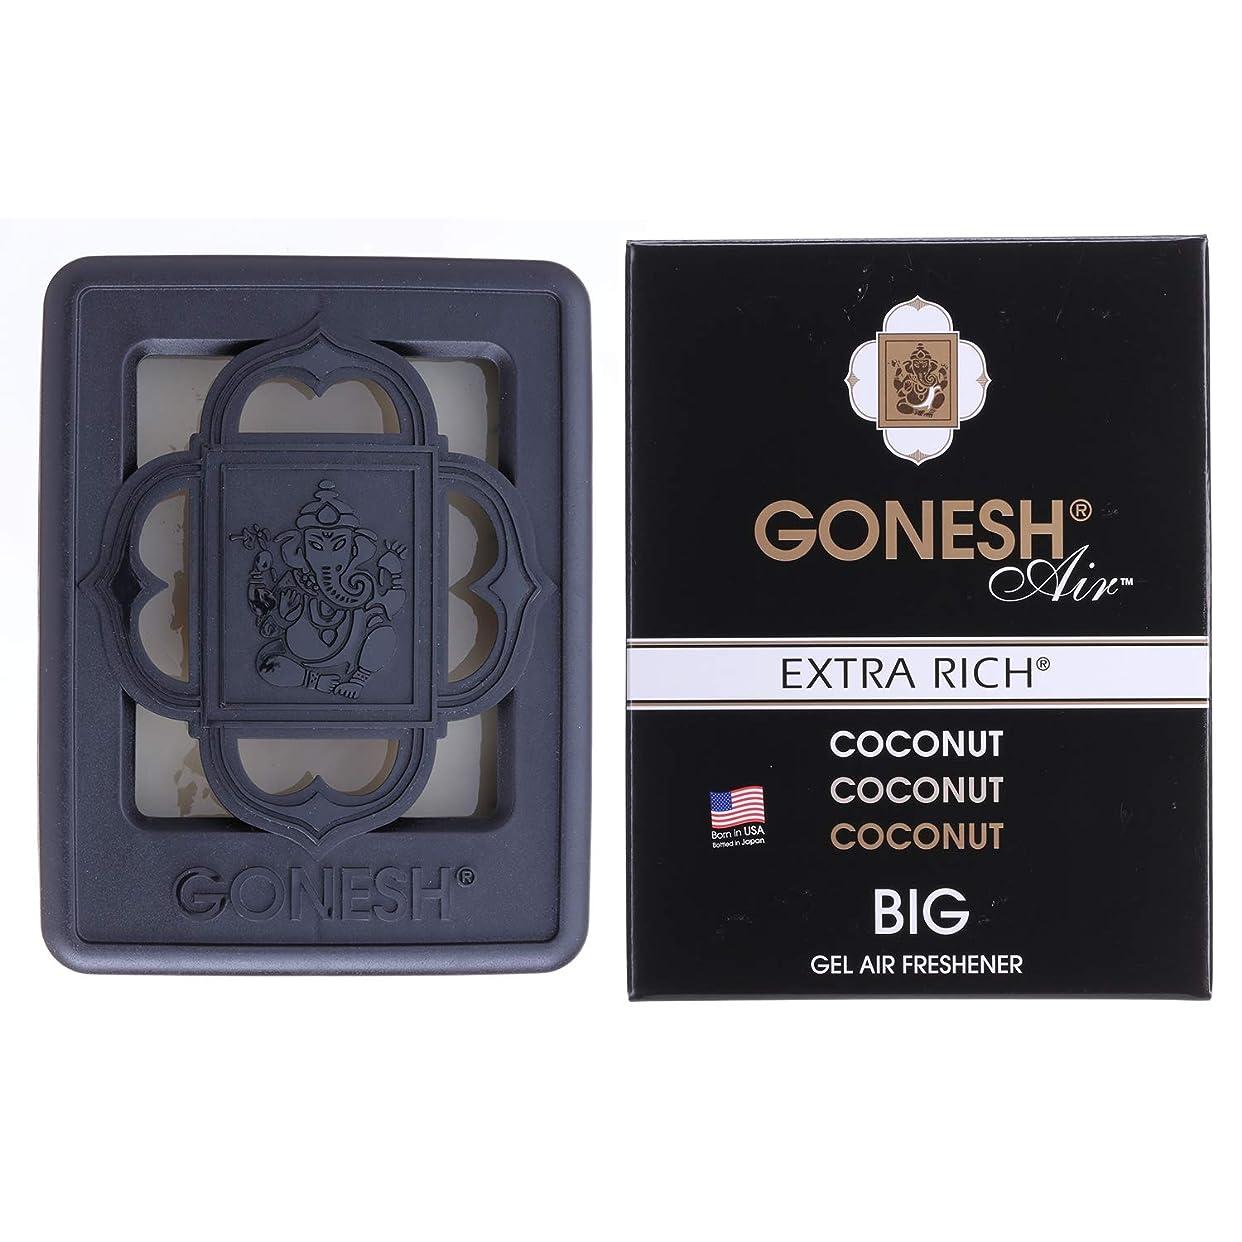 注文請負業者発動機GONESH(ガーネッシュ)ビッグゲルエアフレッシュナー ココナッツ(ココナッツの香り)